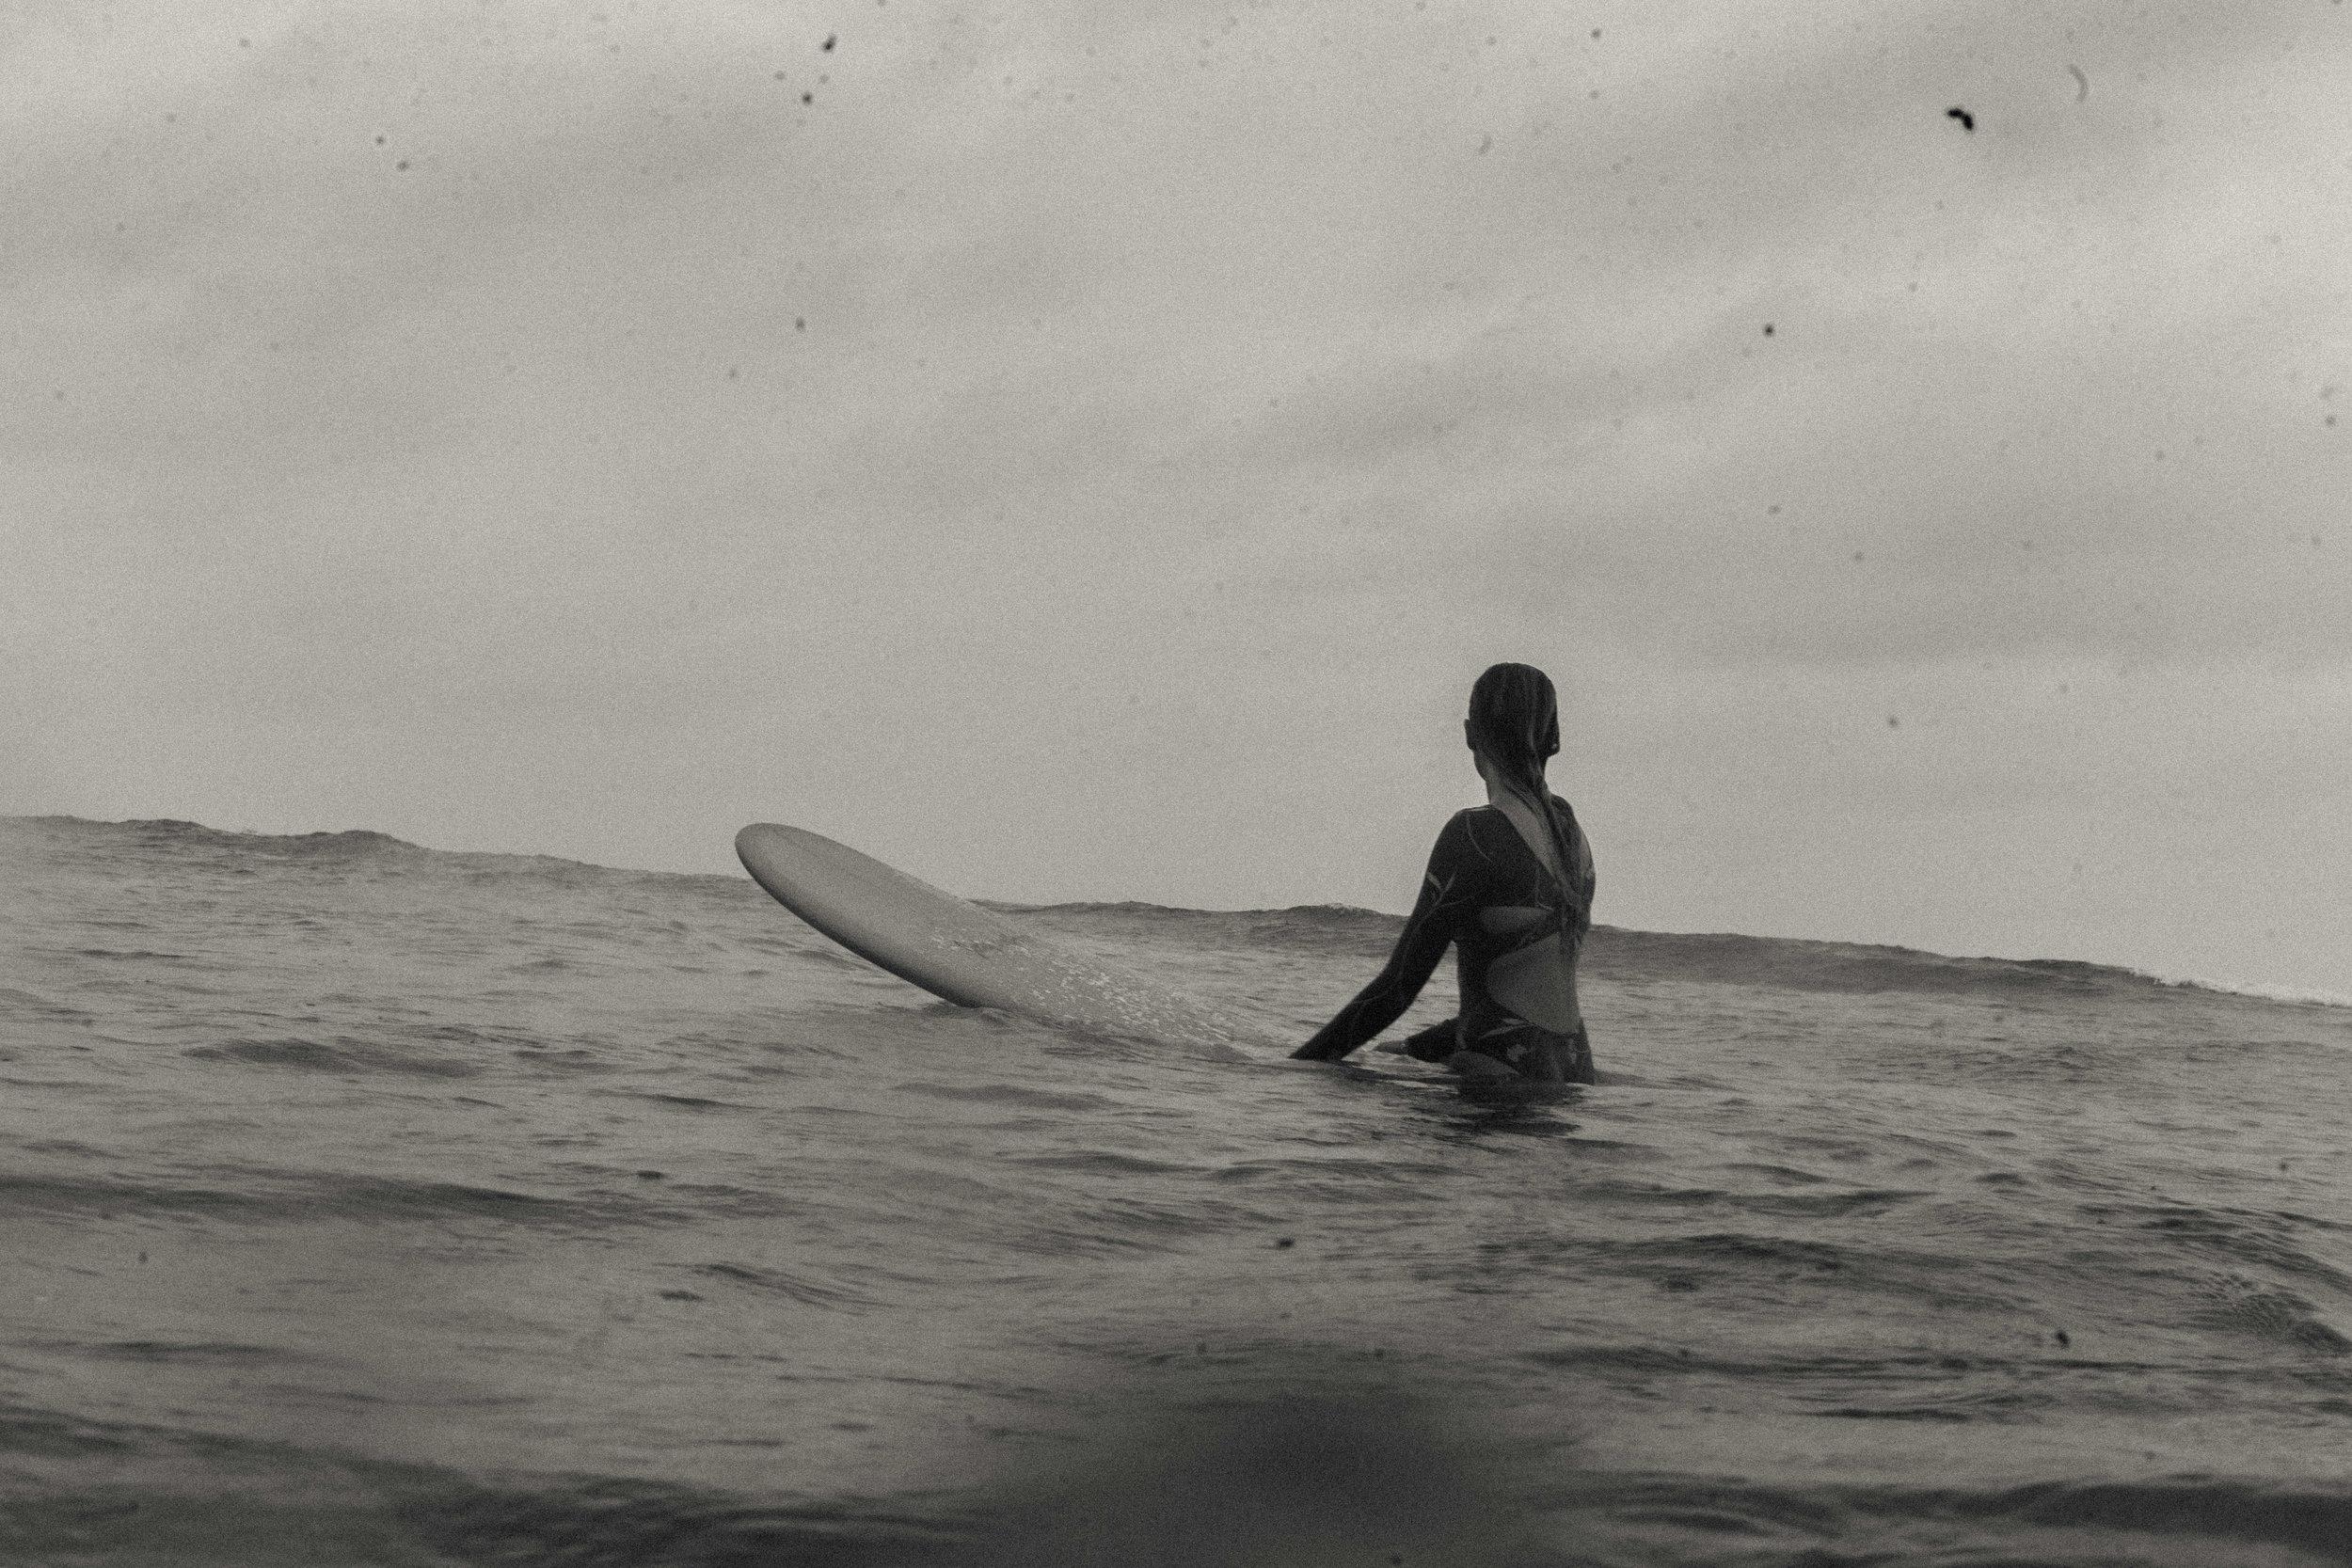 erik_winter_surf_surfing_6.jpg